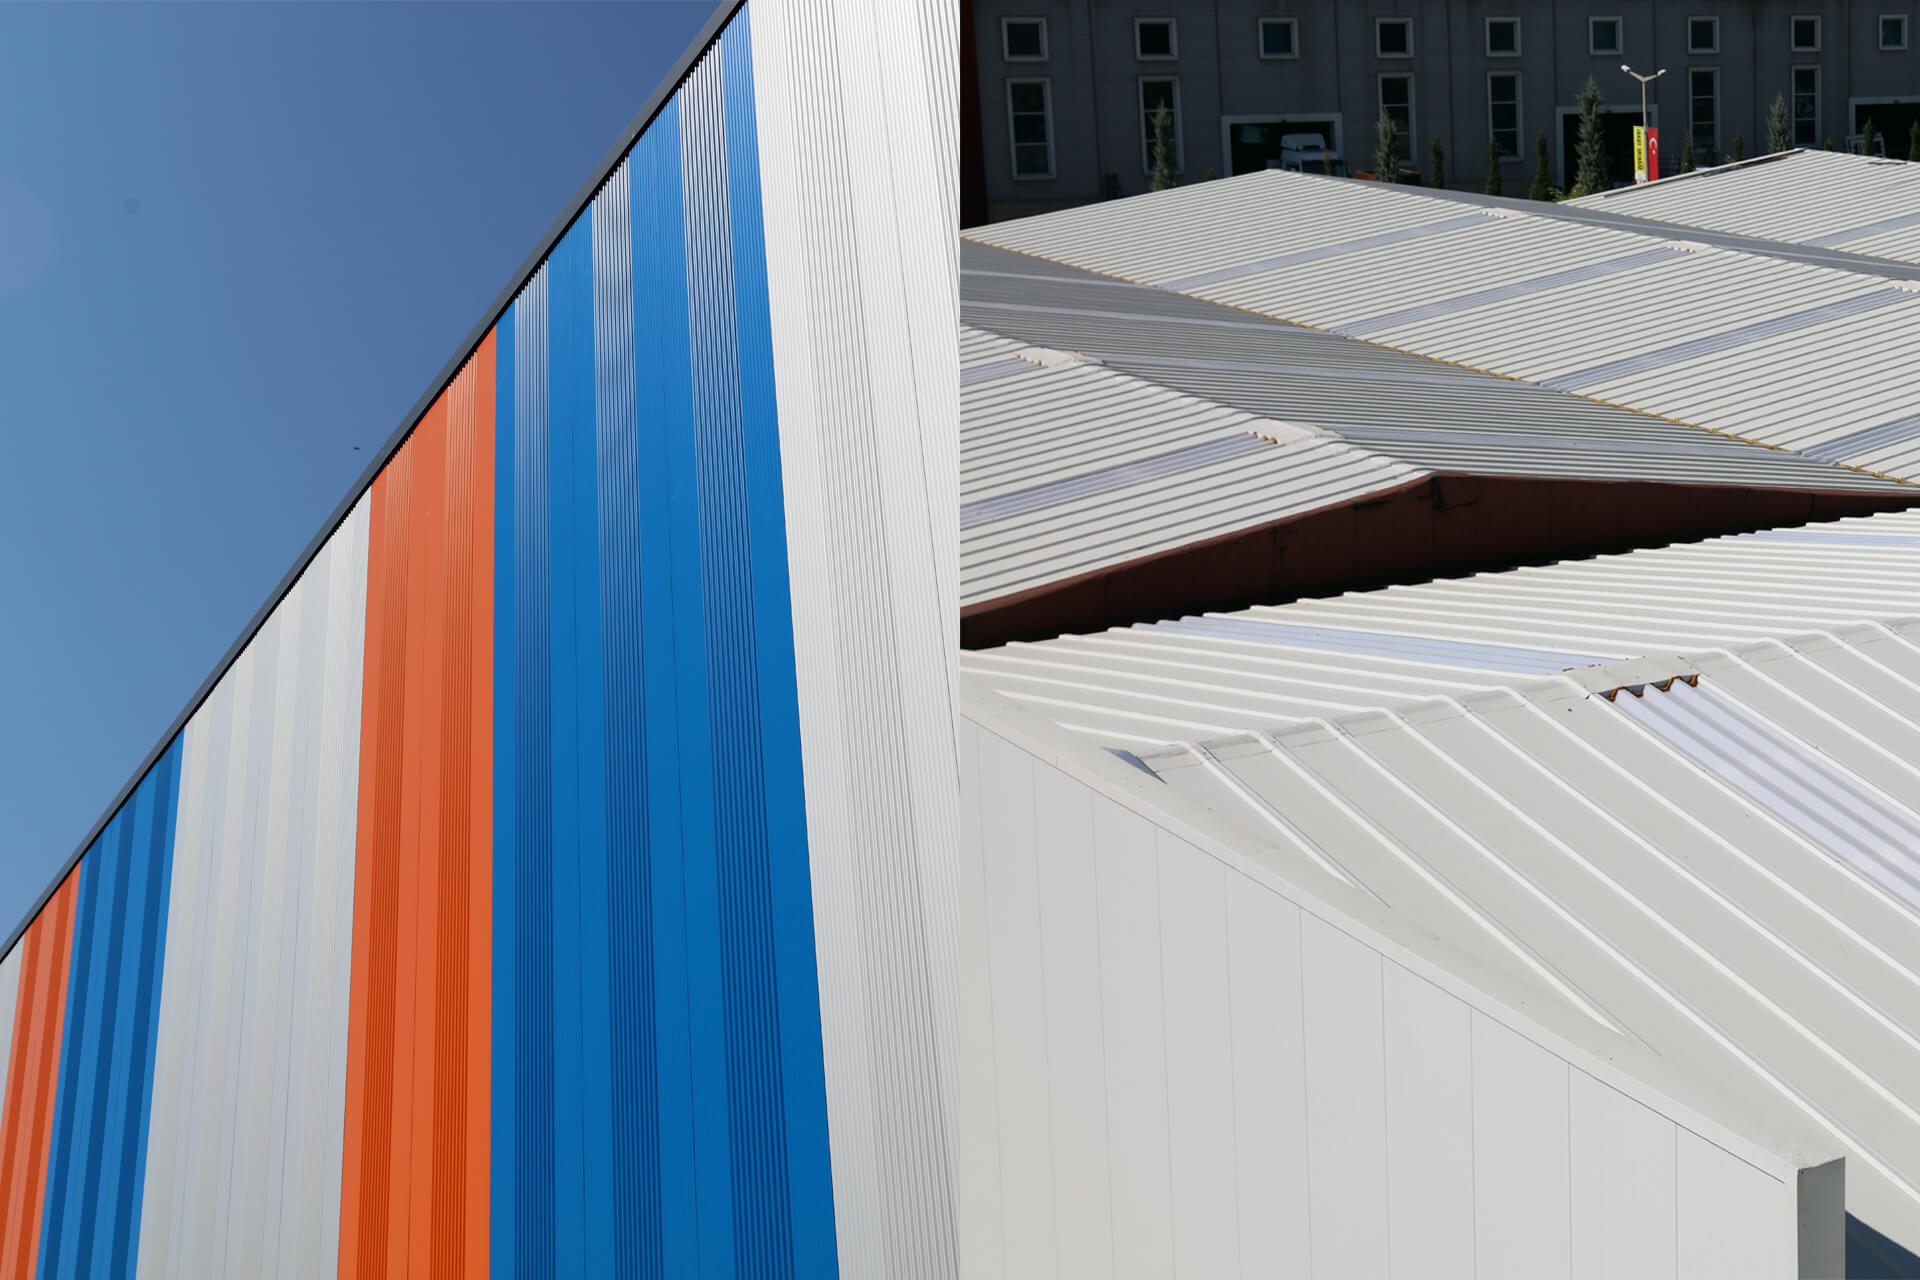 Panneaux de façade et de toit